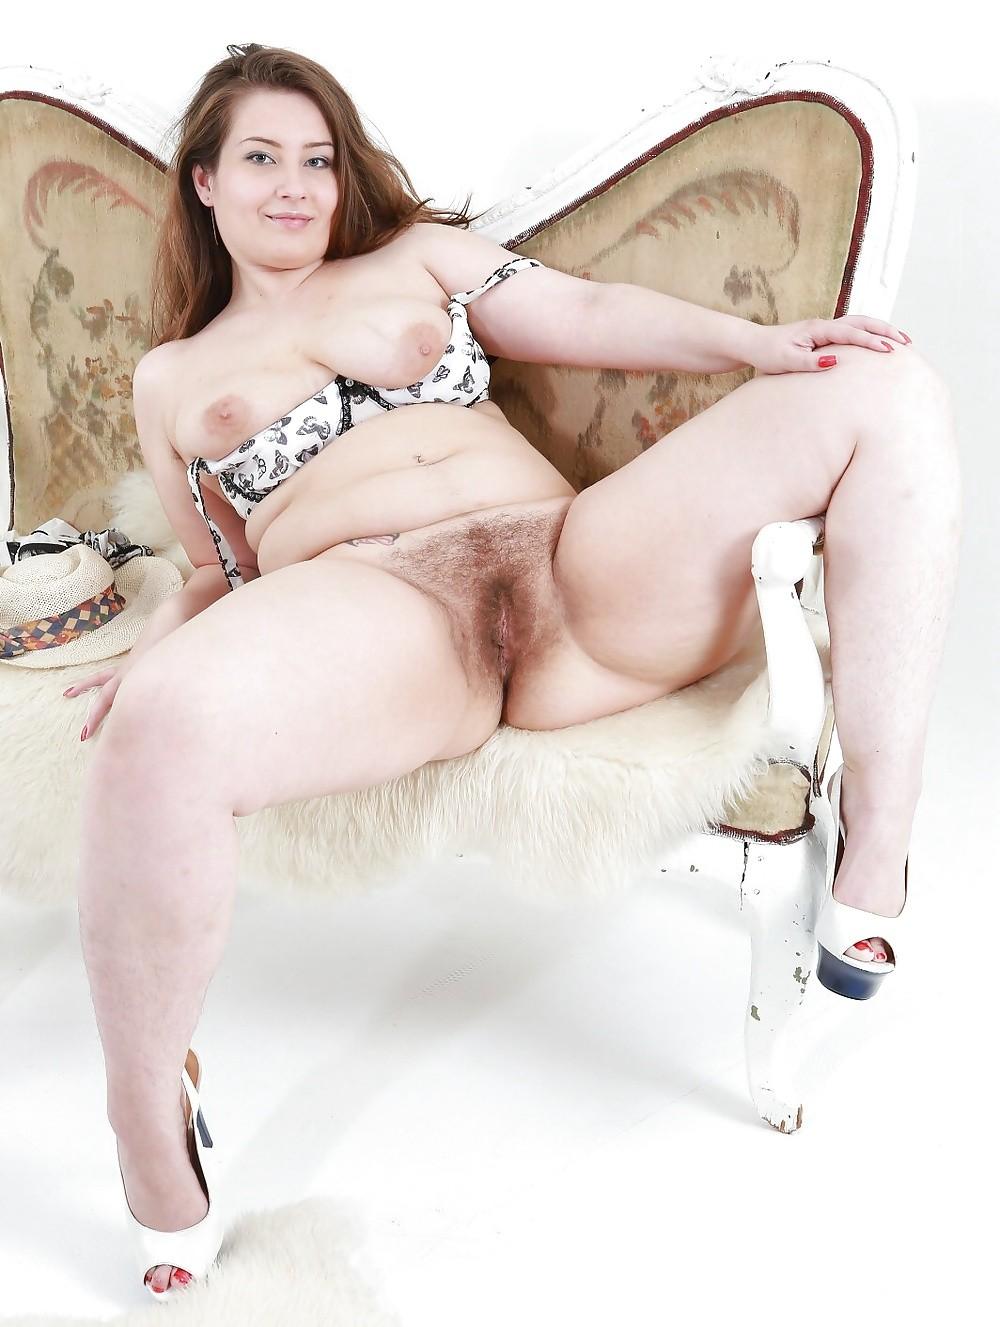 puhlenkie-krasavitsi-porno